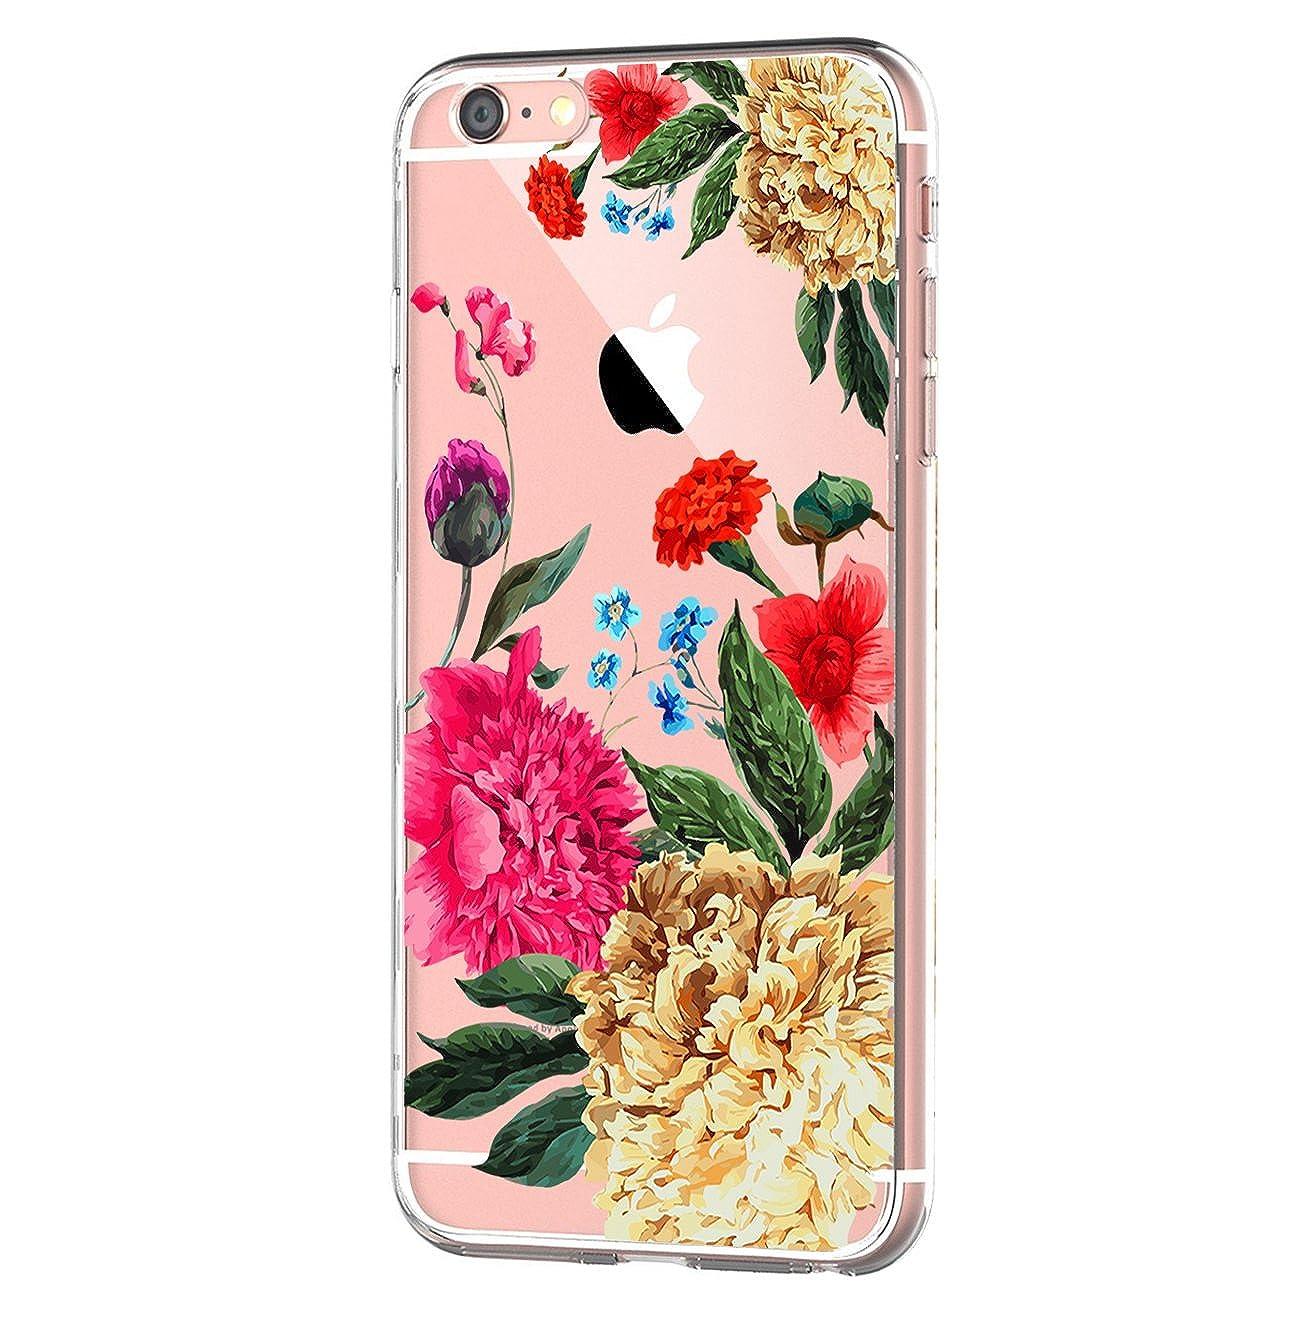 Funda iPhone 6/6S Carcasa Silicona Transparente Protector TPU Ultra-Delgado Anti-Arañ azos Hermoso Spring Flores Case para Telé fono Apple iPhone 6/6S Plus Caso Caja